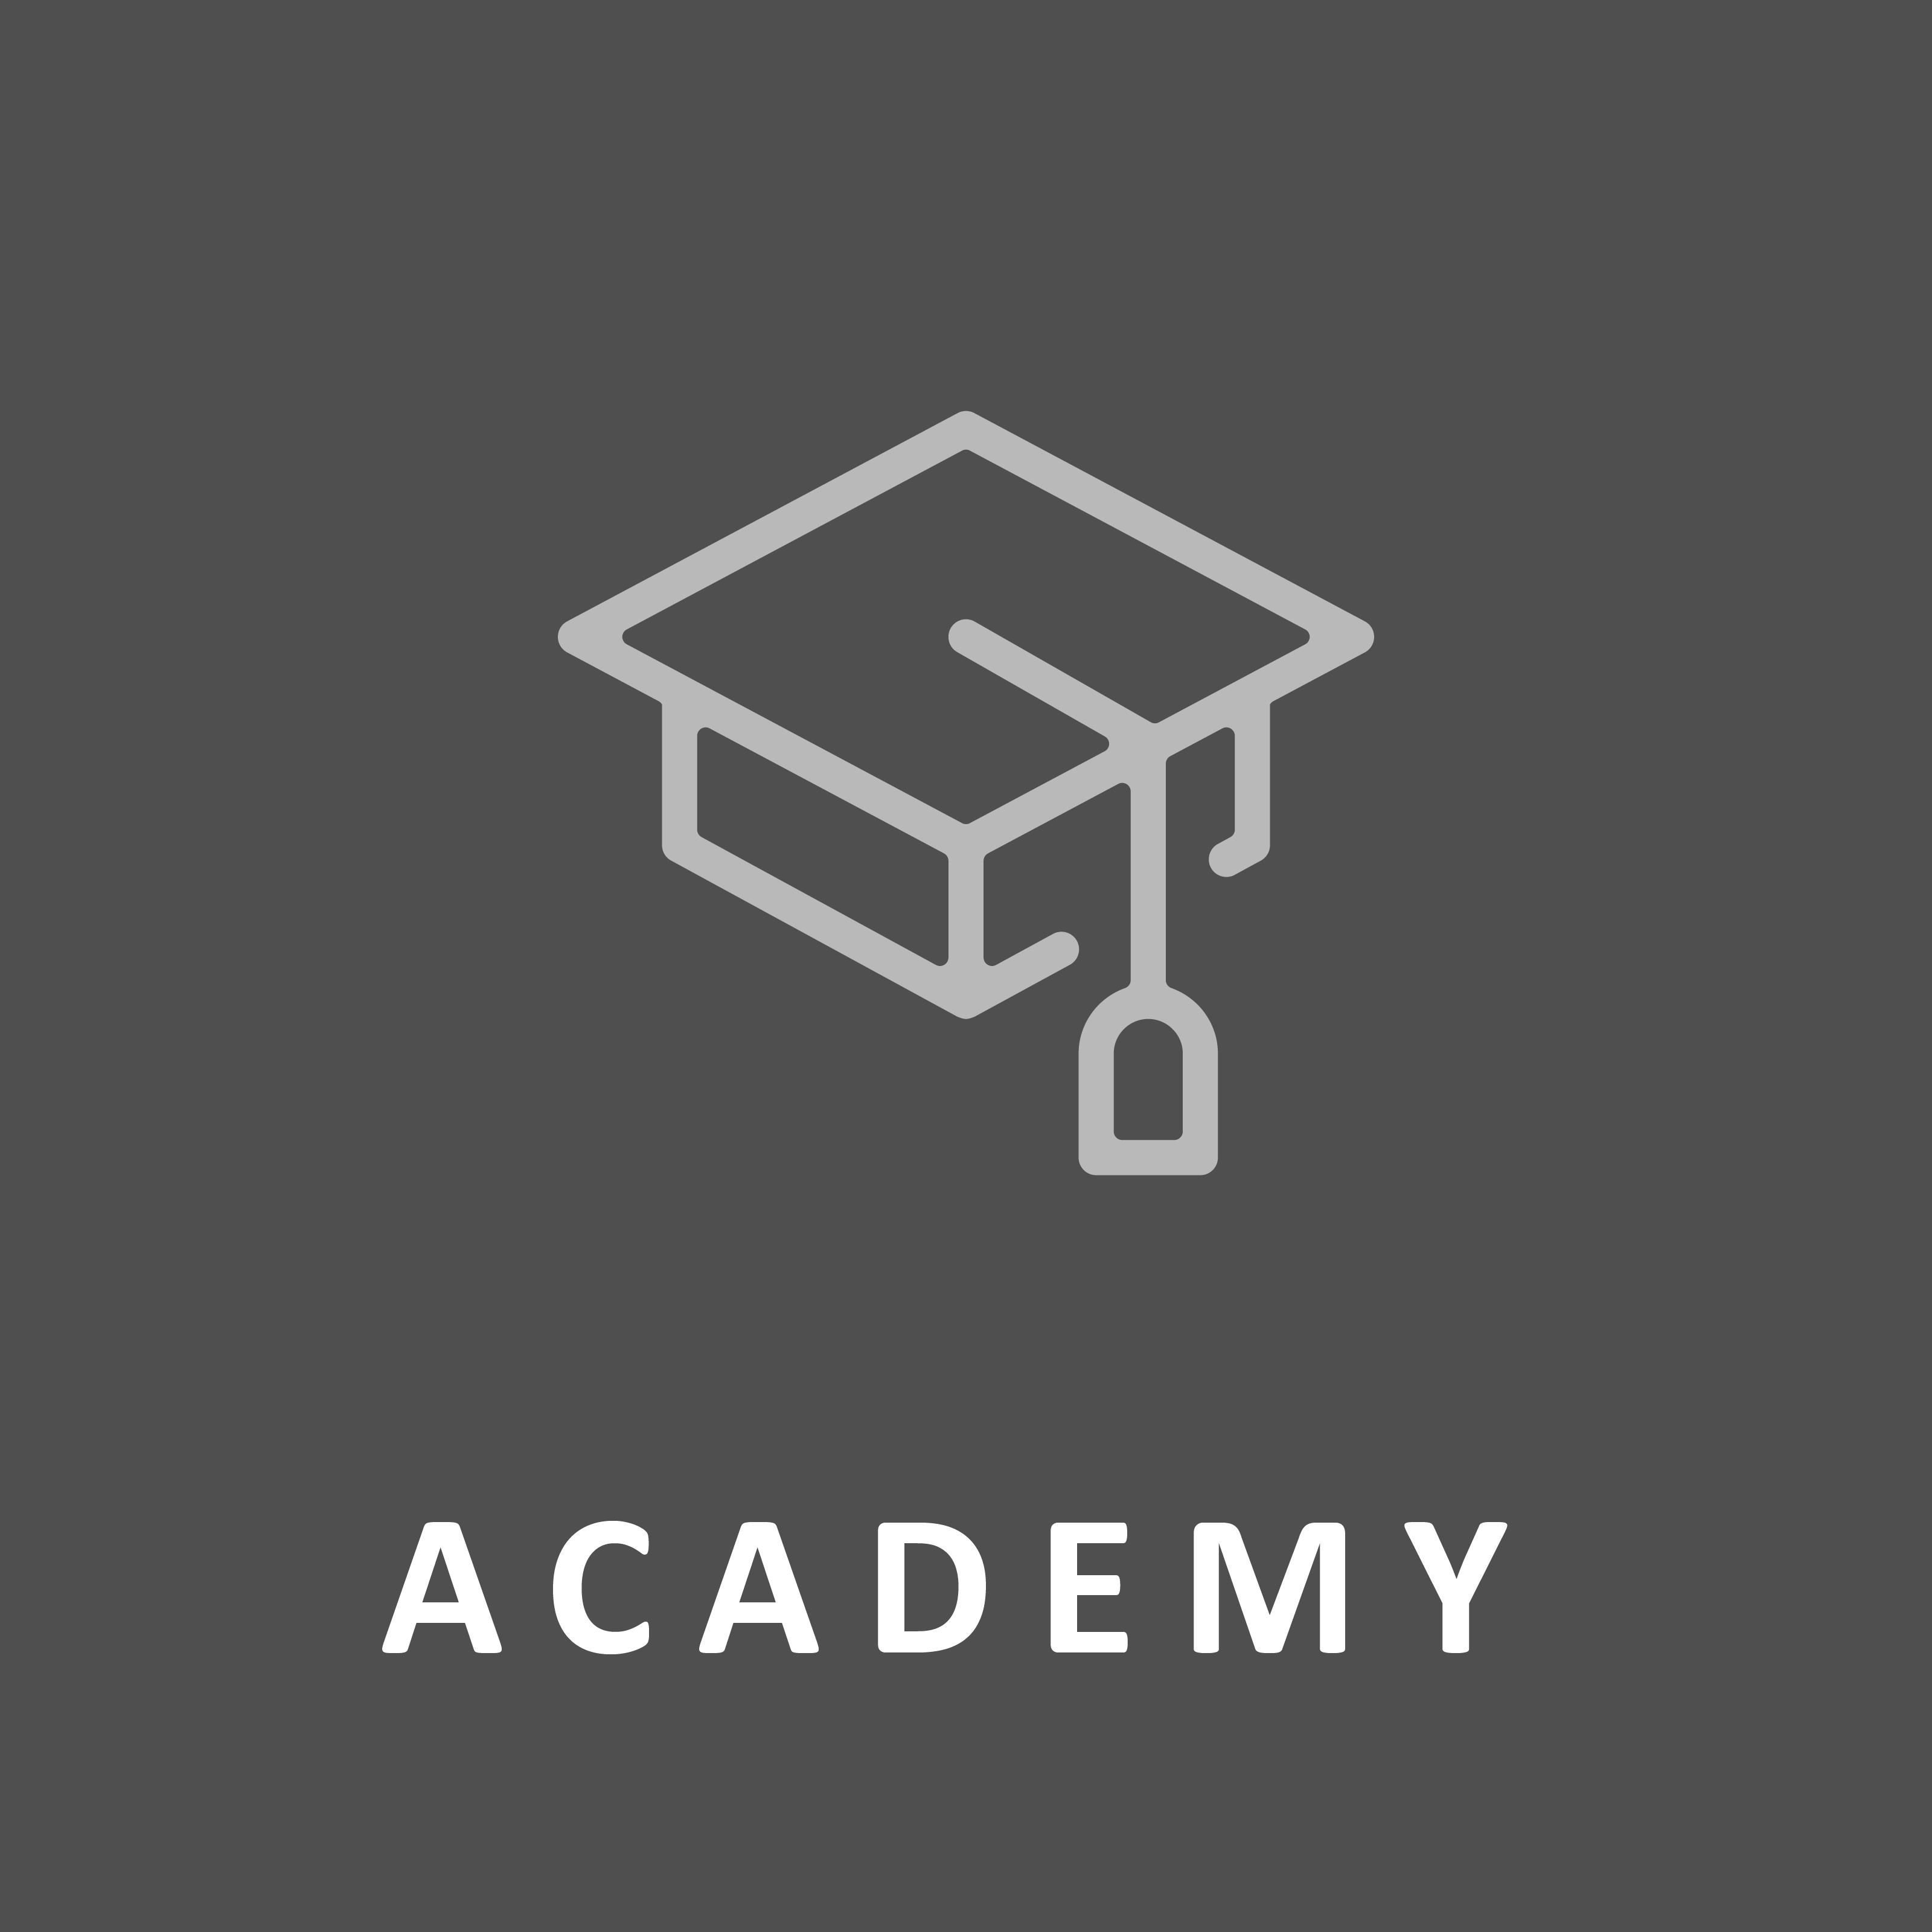 Academy@2x